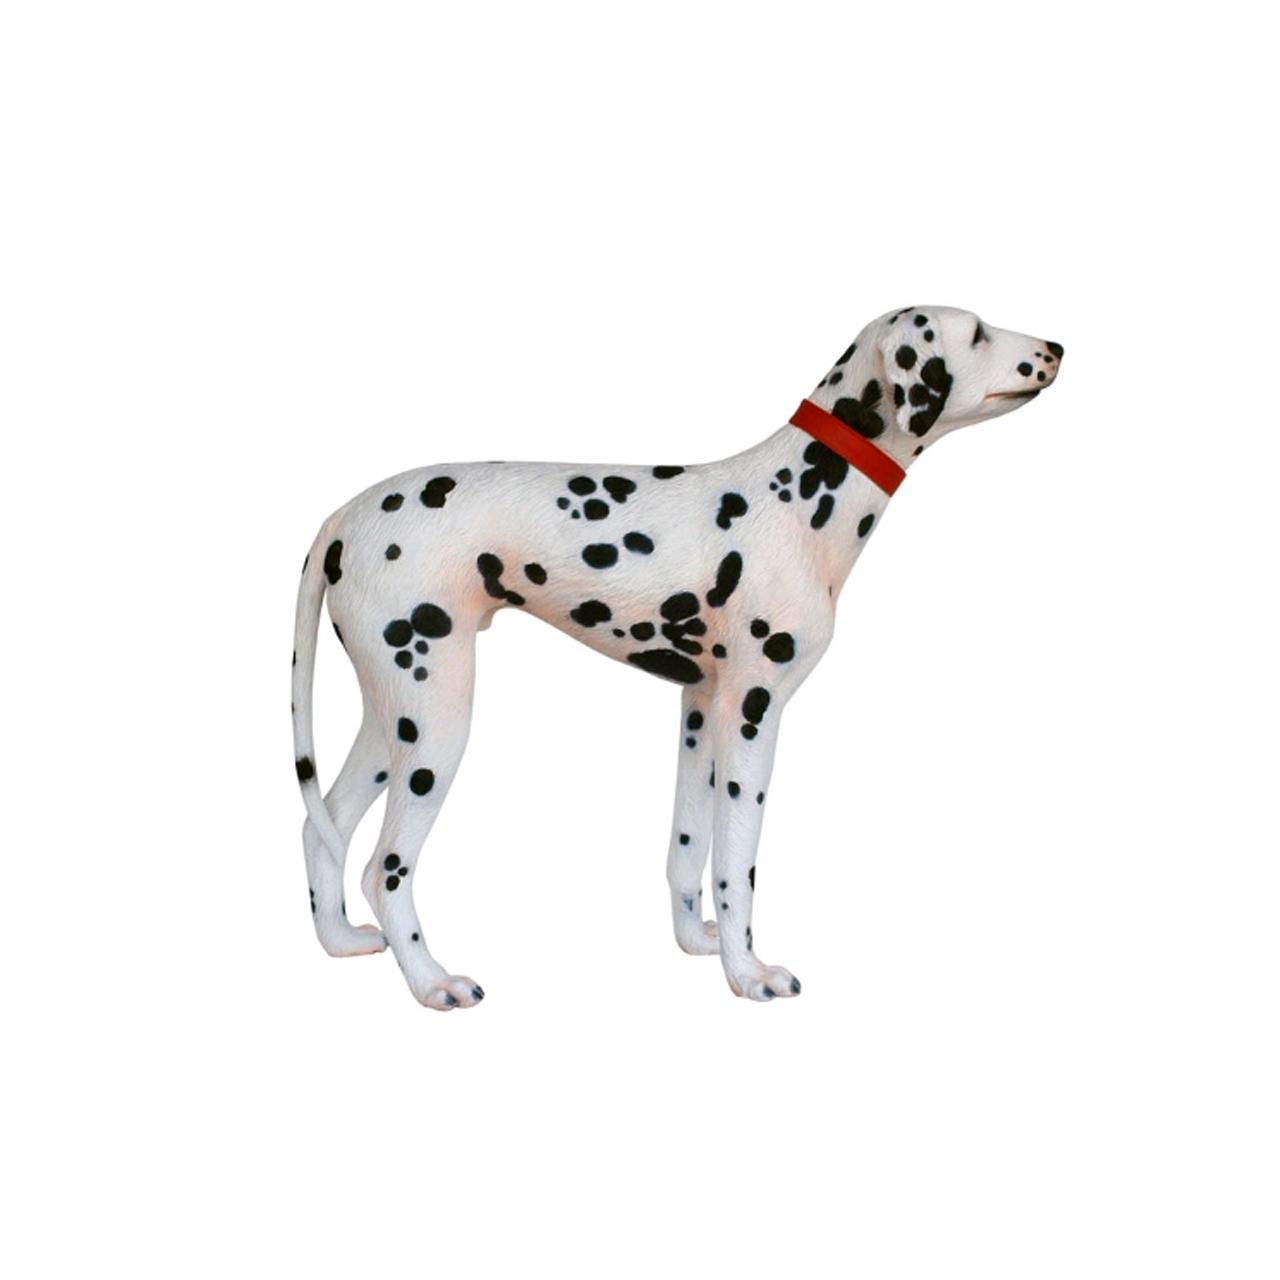 hund dalmatiner gillgrens dekor. Black Bedroom Furniture Sets. Home Design Ideas